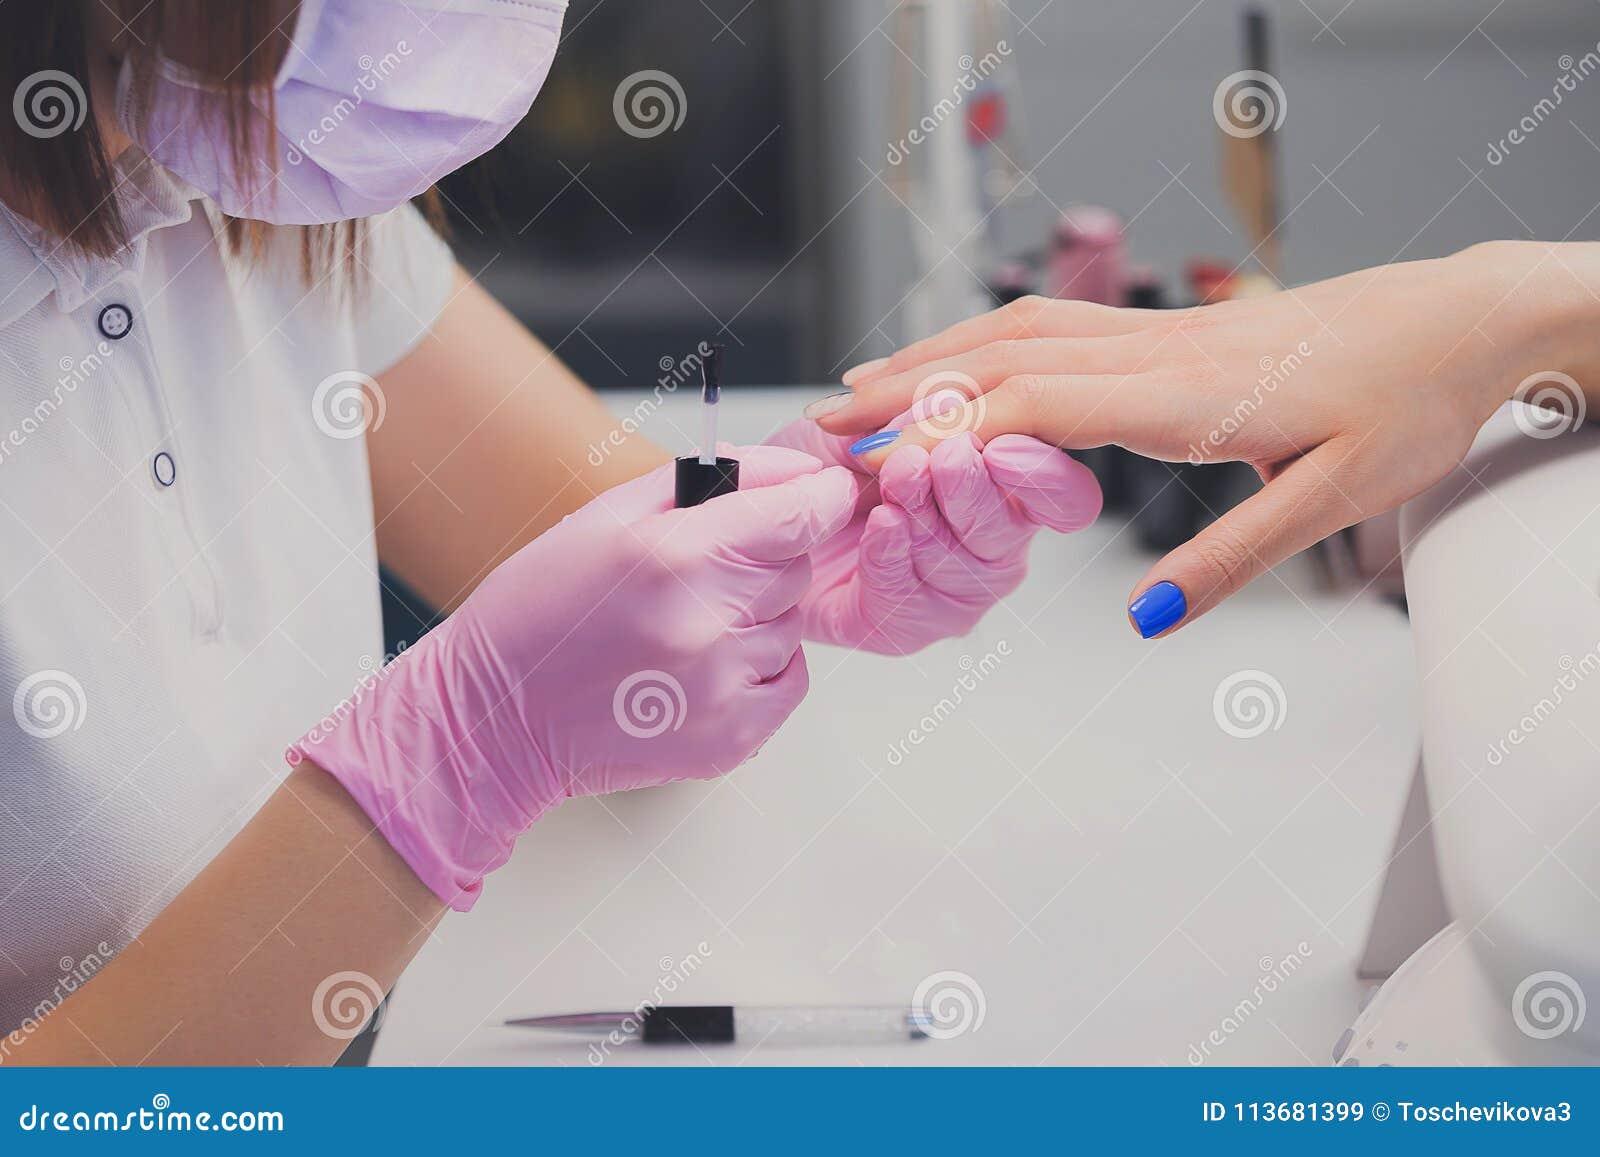 Professional Manicure Process In Beauty Salon Closeup Manicurist